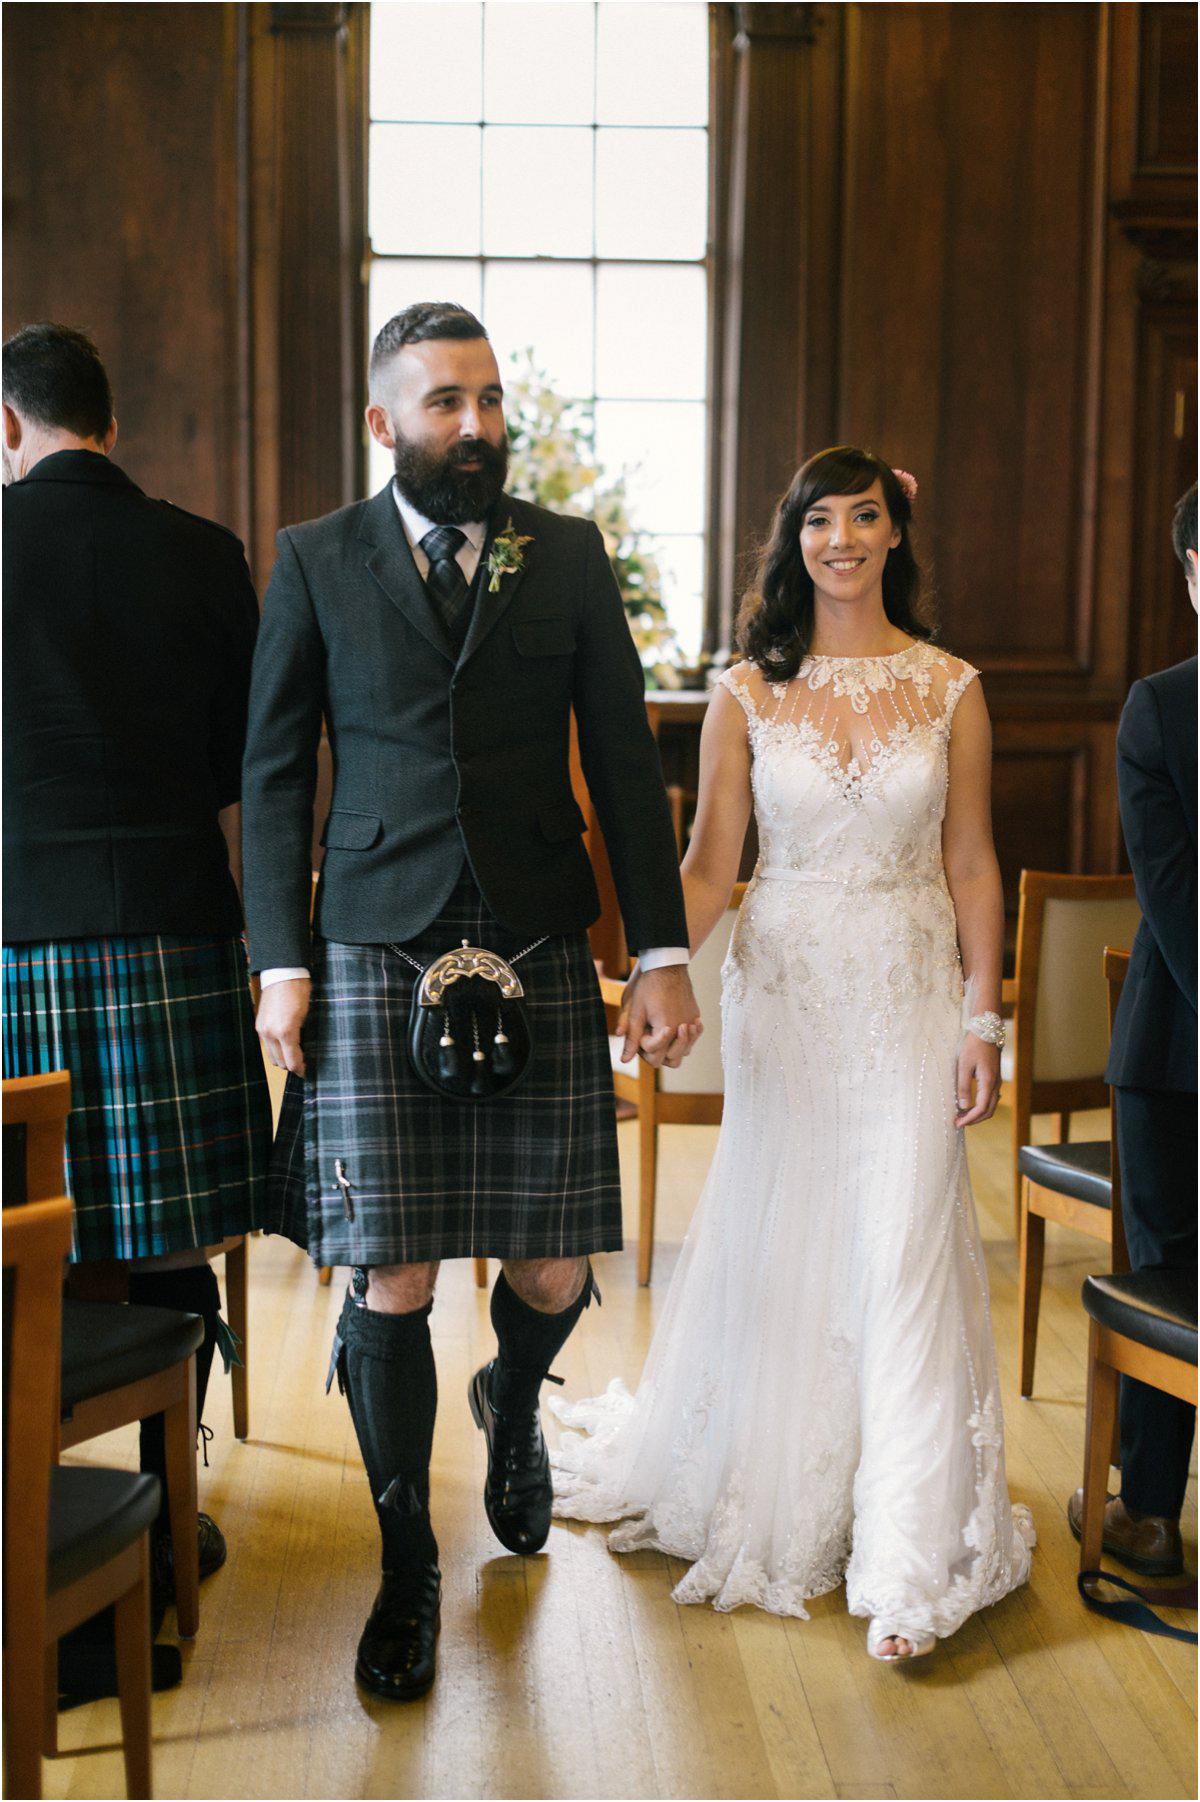 Crofts & Kowalczyk_Edinburgh_Yvonne & Ben-17.jpg